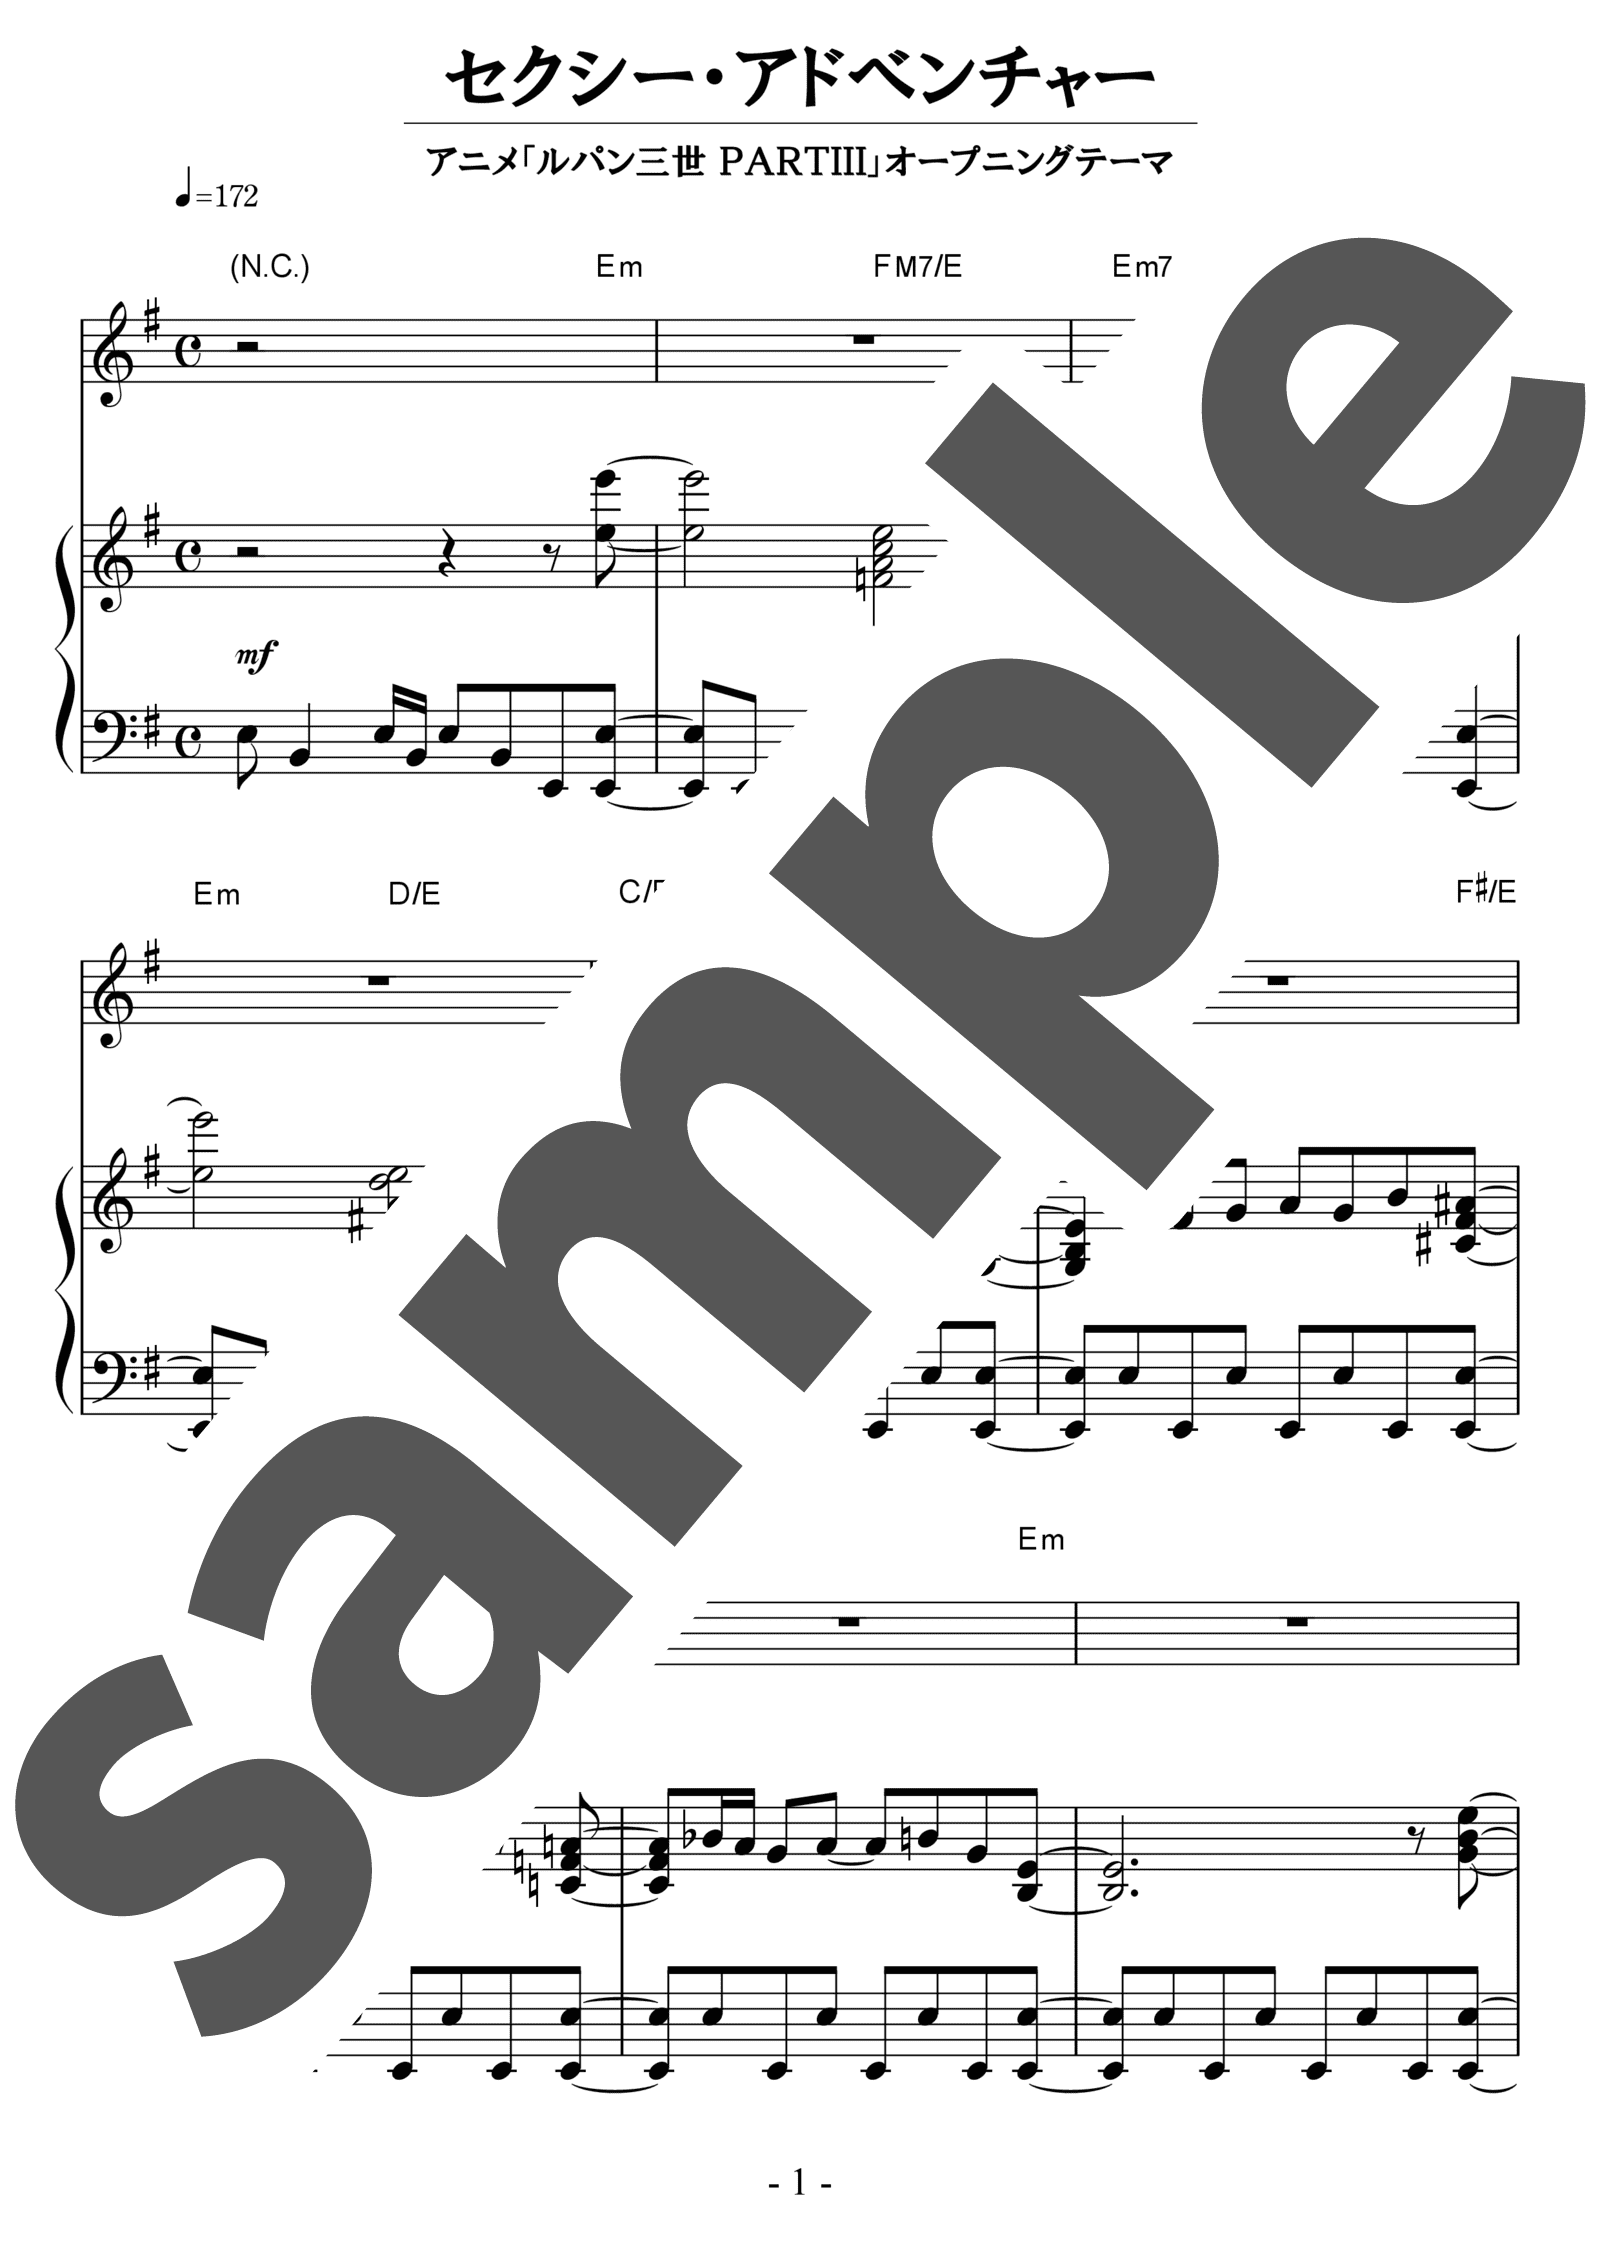 「セクシー・アドベンチャー」のサンプル楽譜